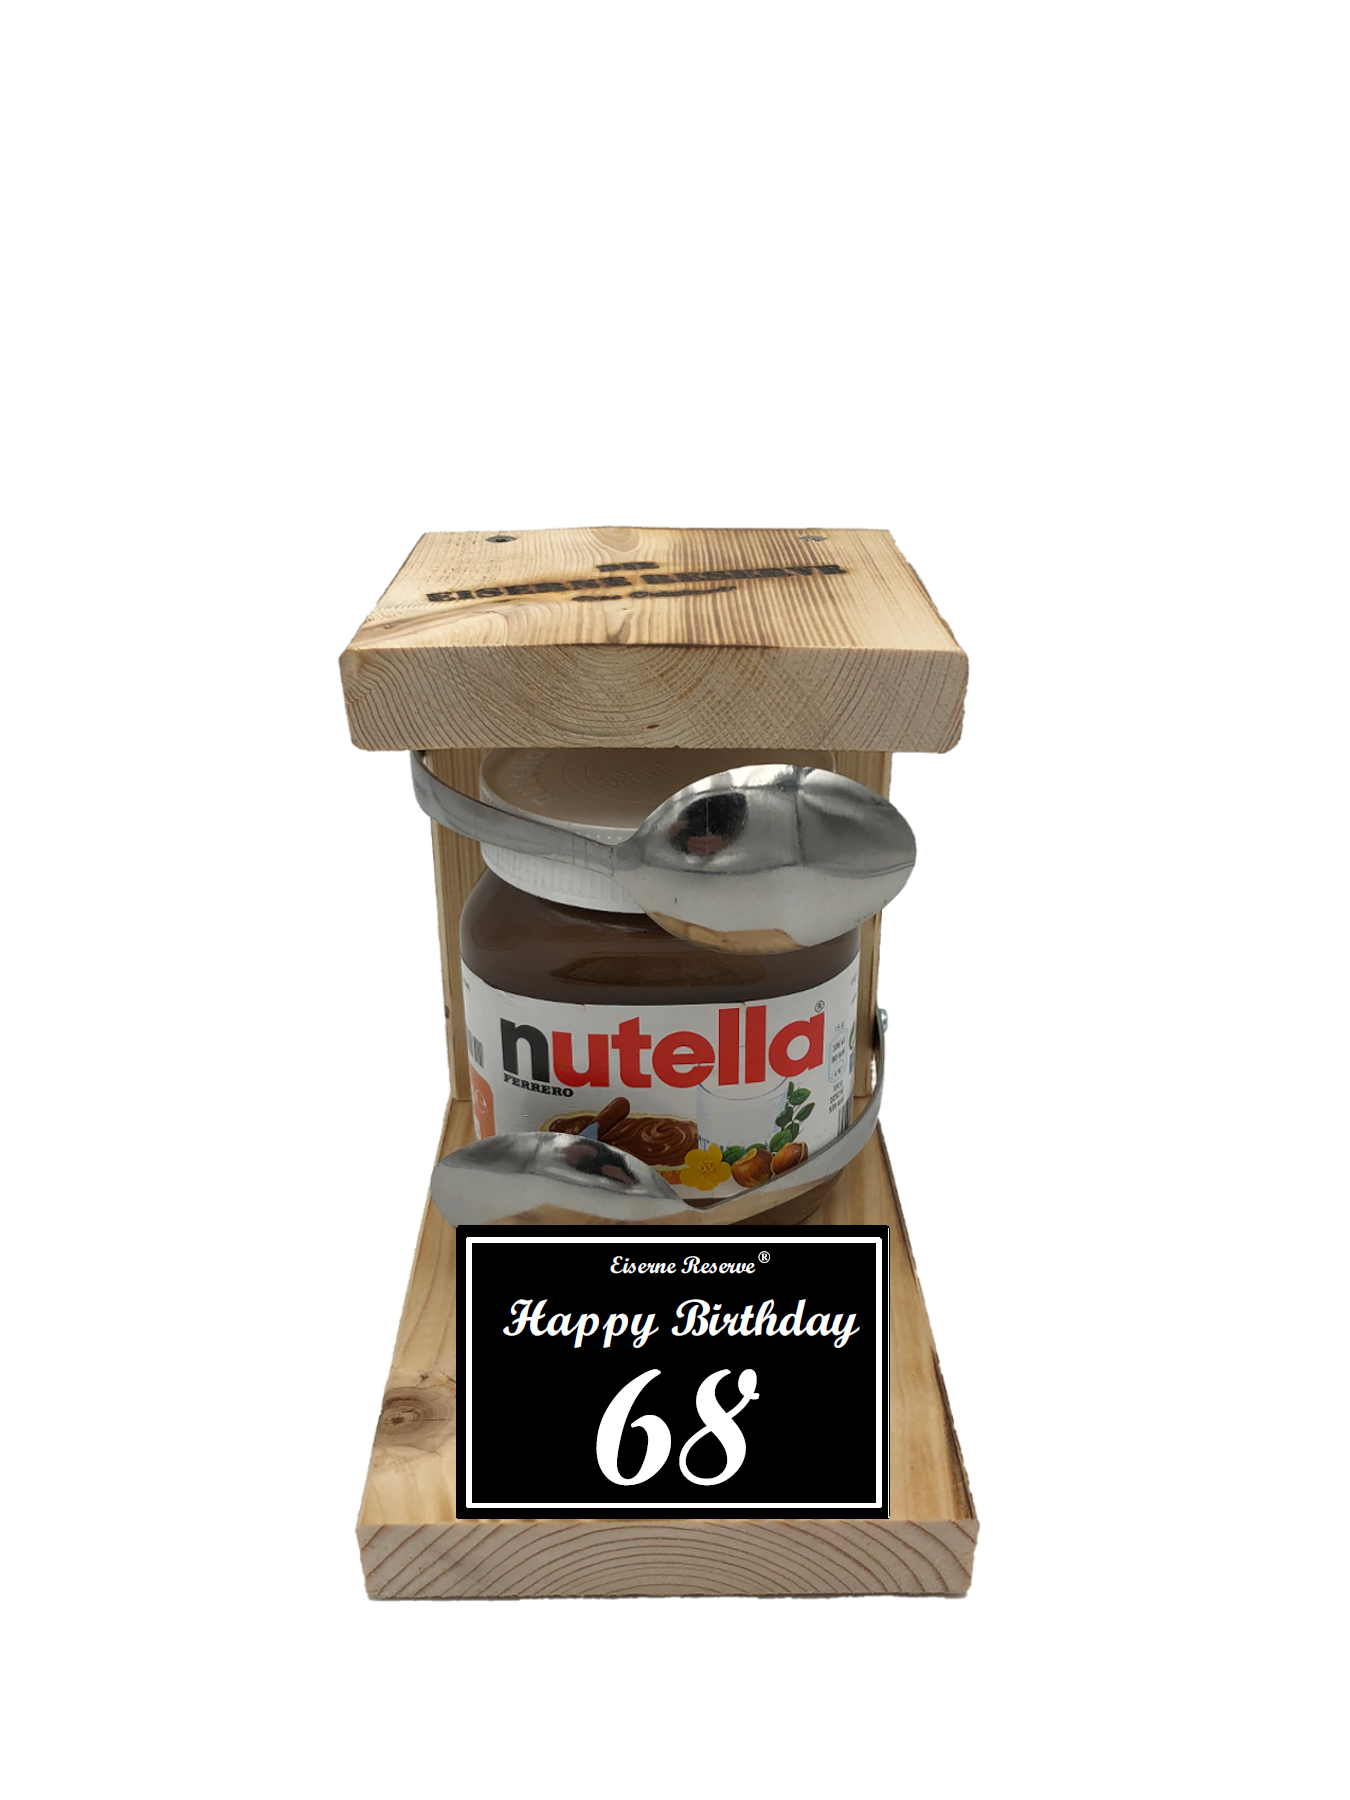 68 Happy Birthday Löffel Nutella Geschenk - Die Nutella Geschenkidee